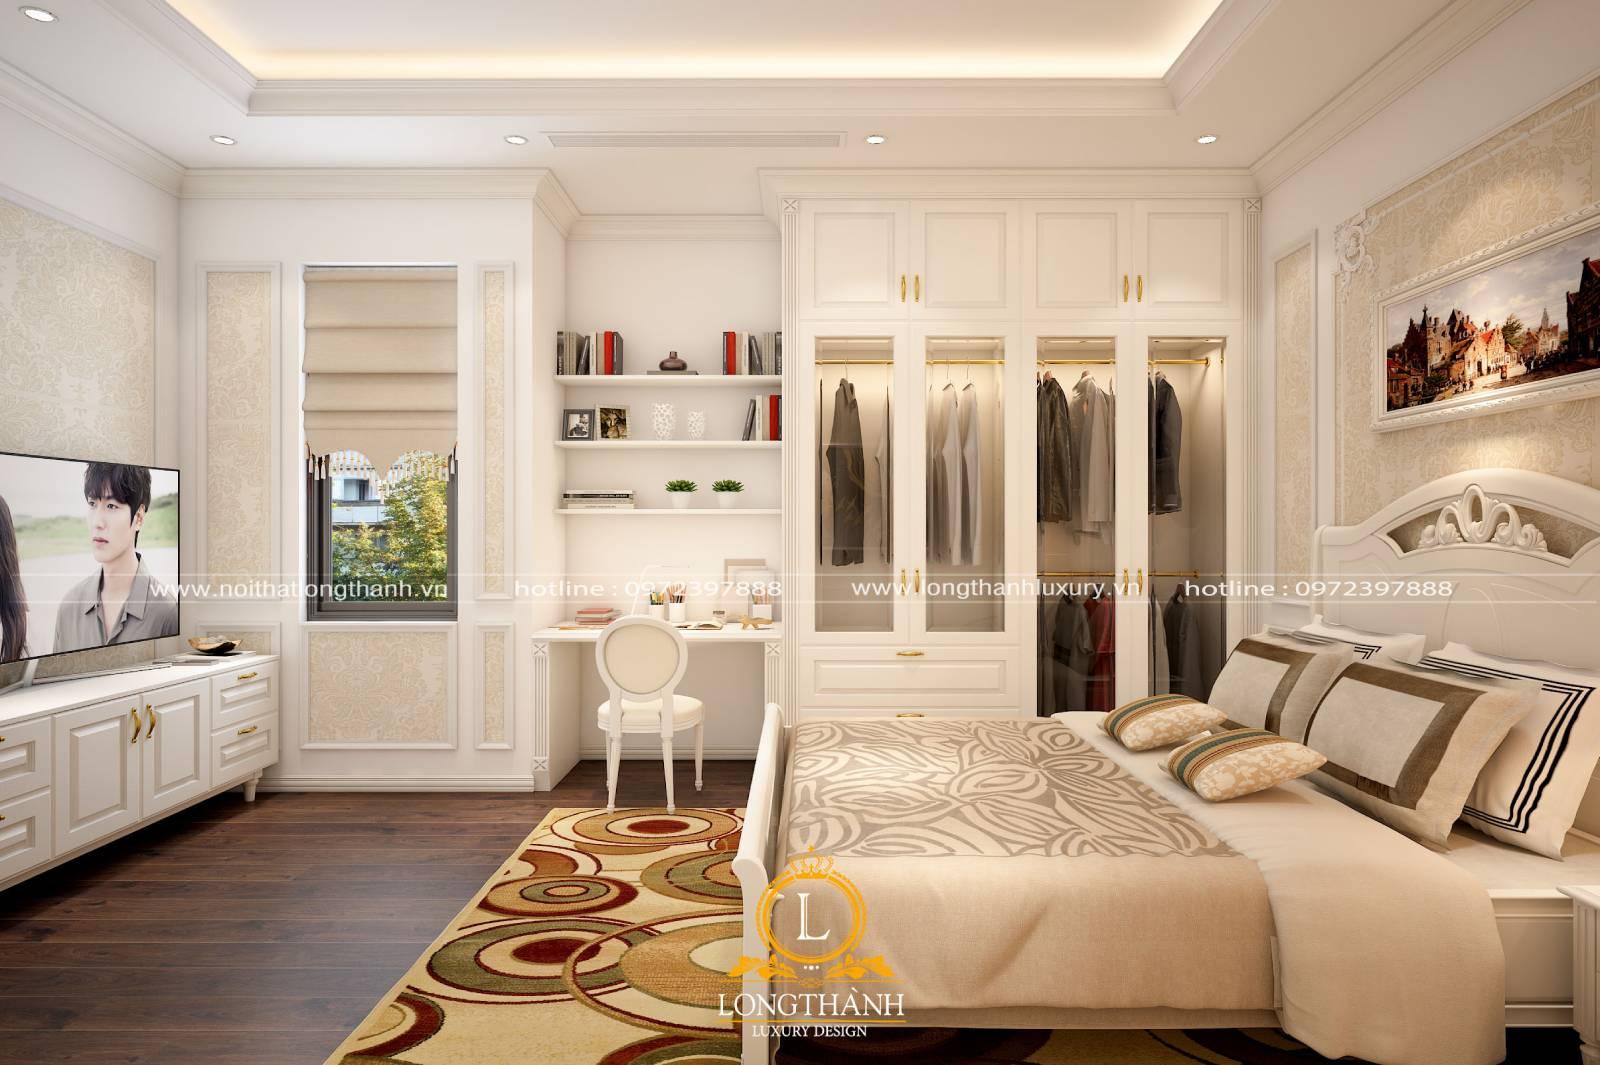 Phòng ngủ cao cấp tân cổ điển mang thiên hướng hiện đại